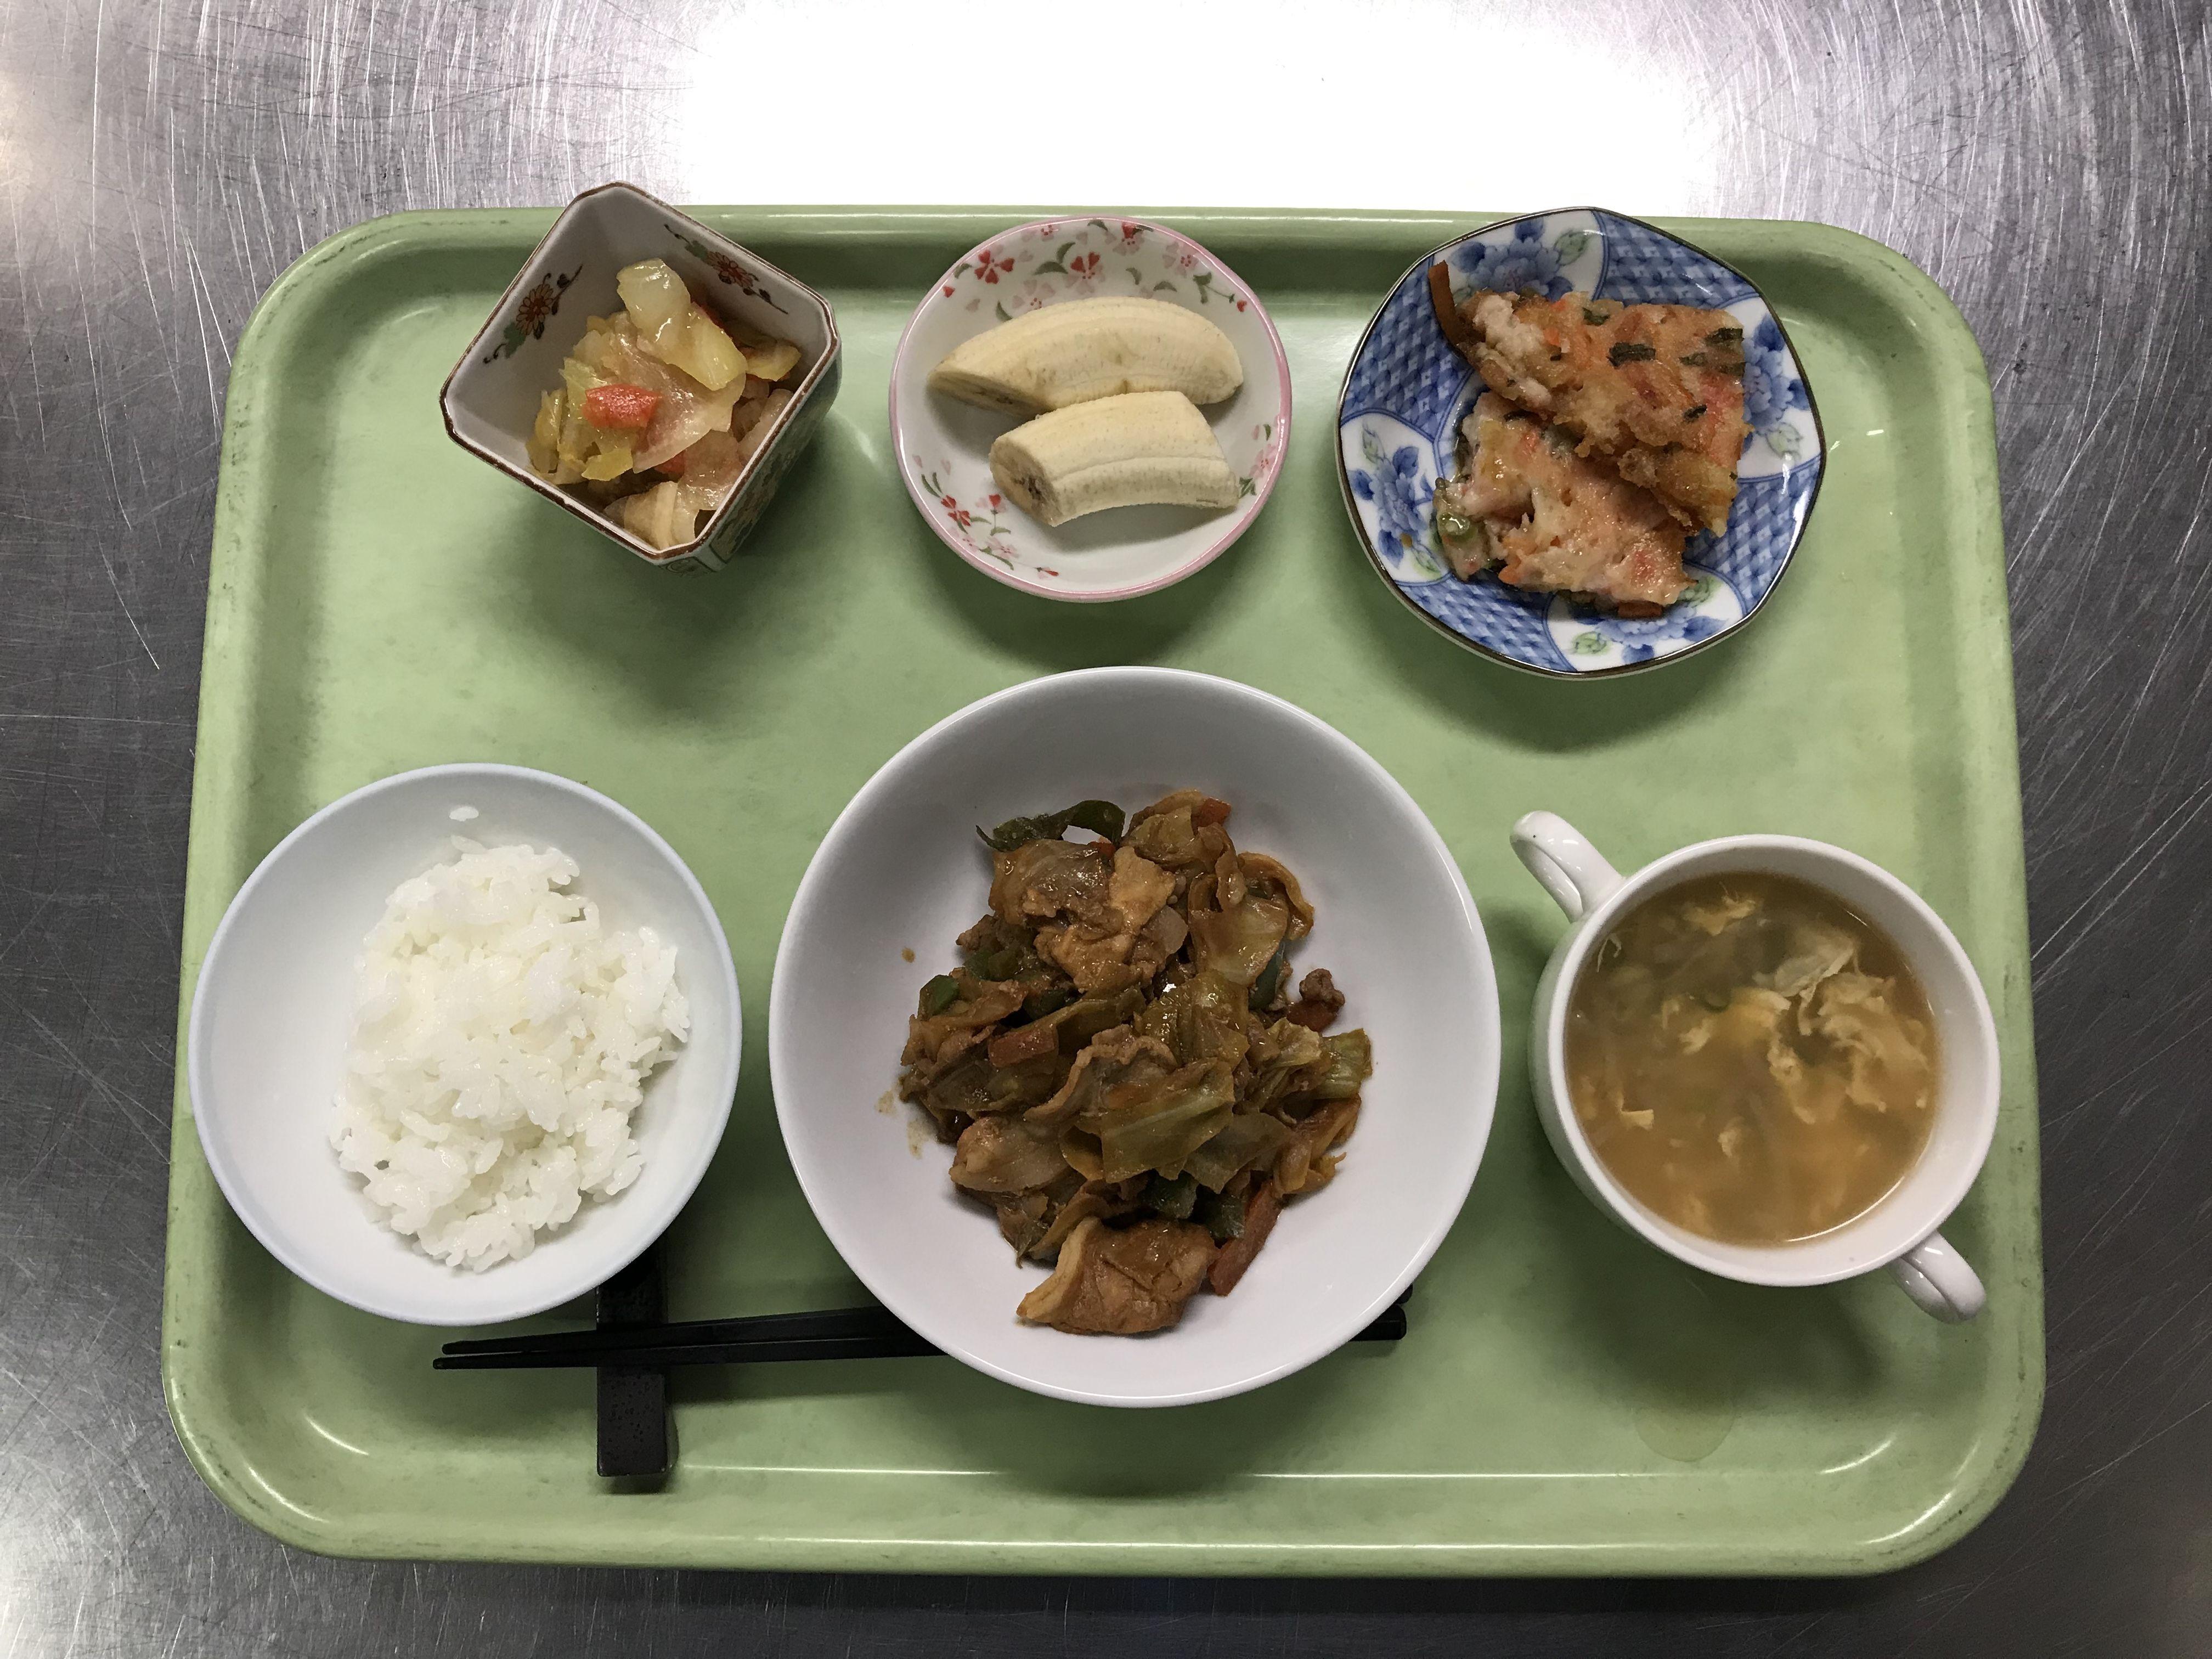 2月14日。回鍋肉、人参のちぢみ風、カブの中華風サラダ、椎茸と卵の中華スープ、バナナでした!回鍋肉が特に美味しかったです!613カロリーです